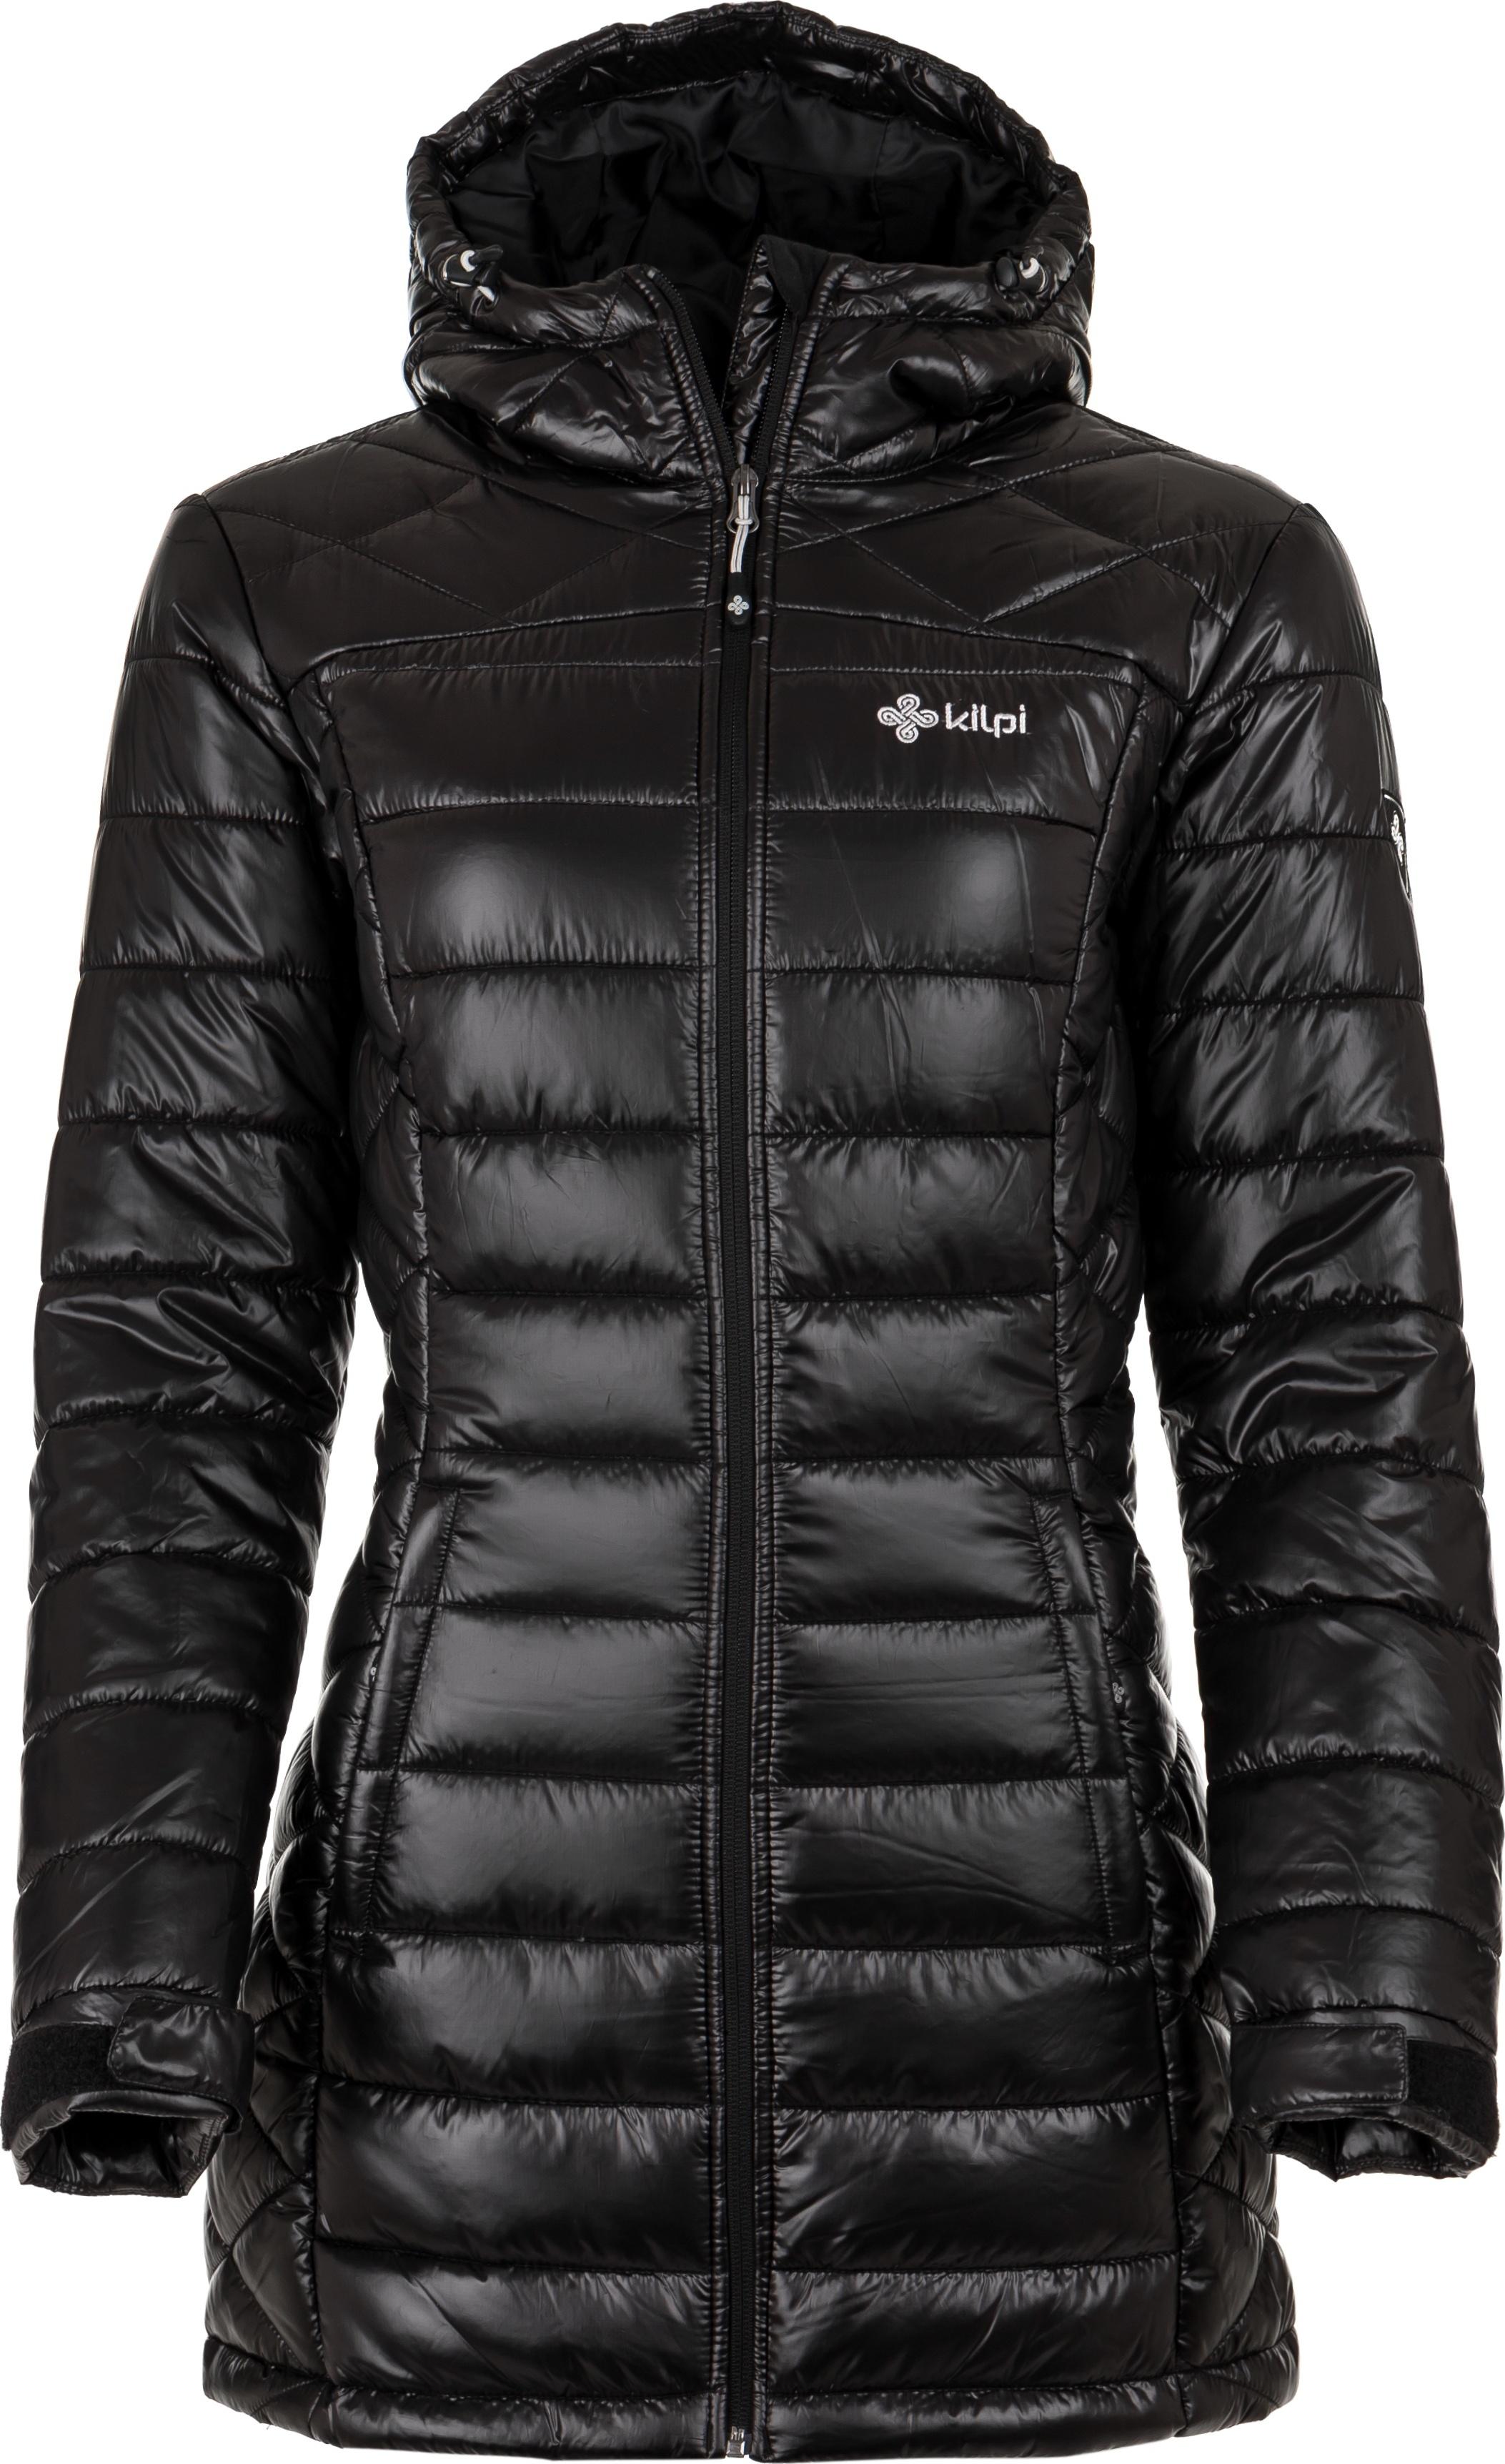 Dámský zimní kabát KILPI SYDNEY-W Černá Barva: Černá, Velikost: 46